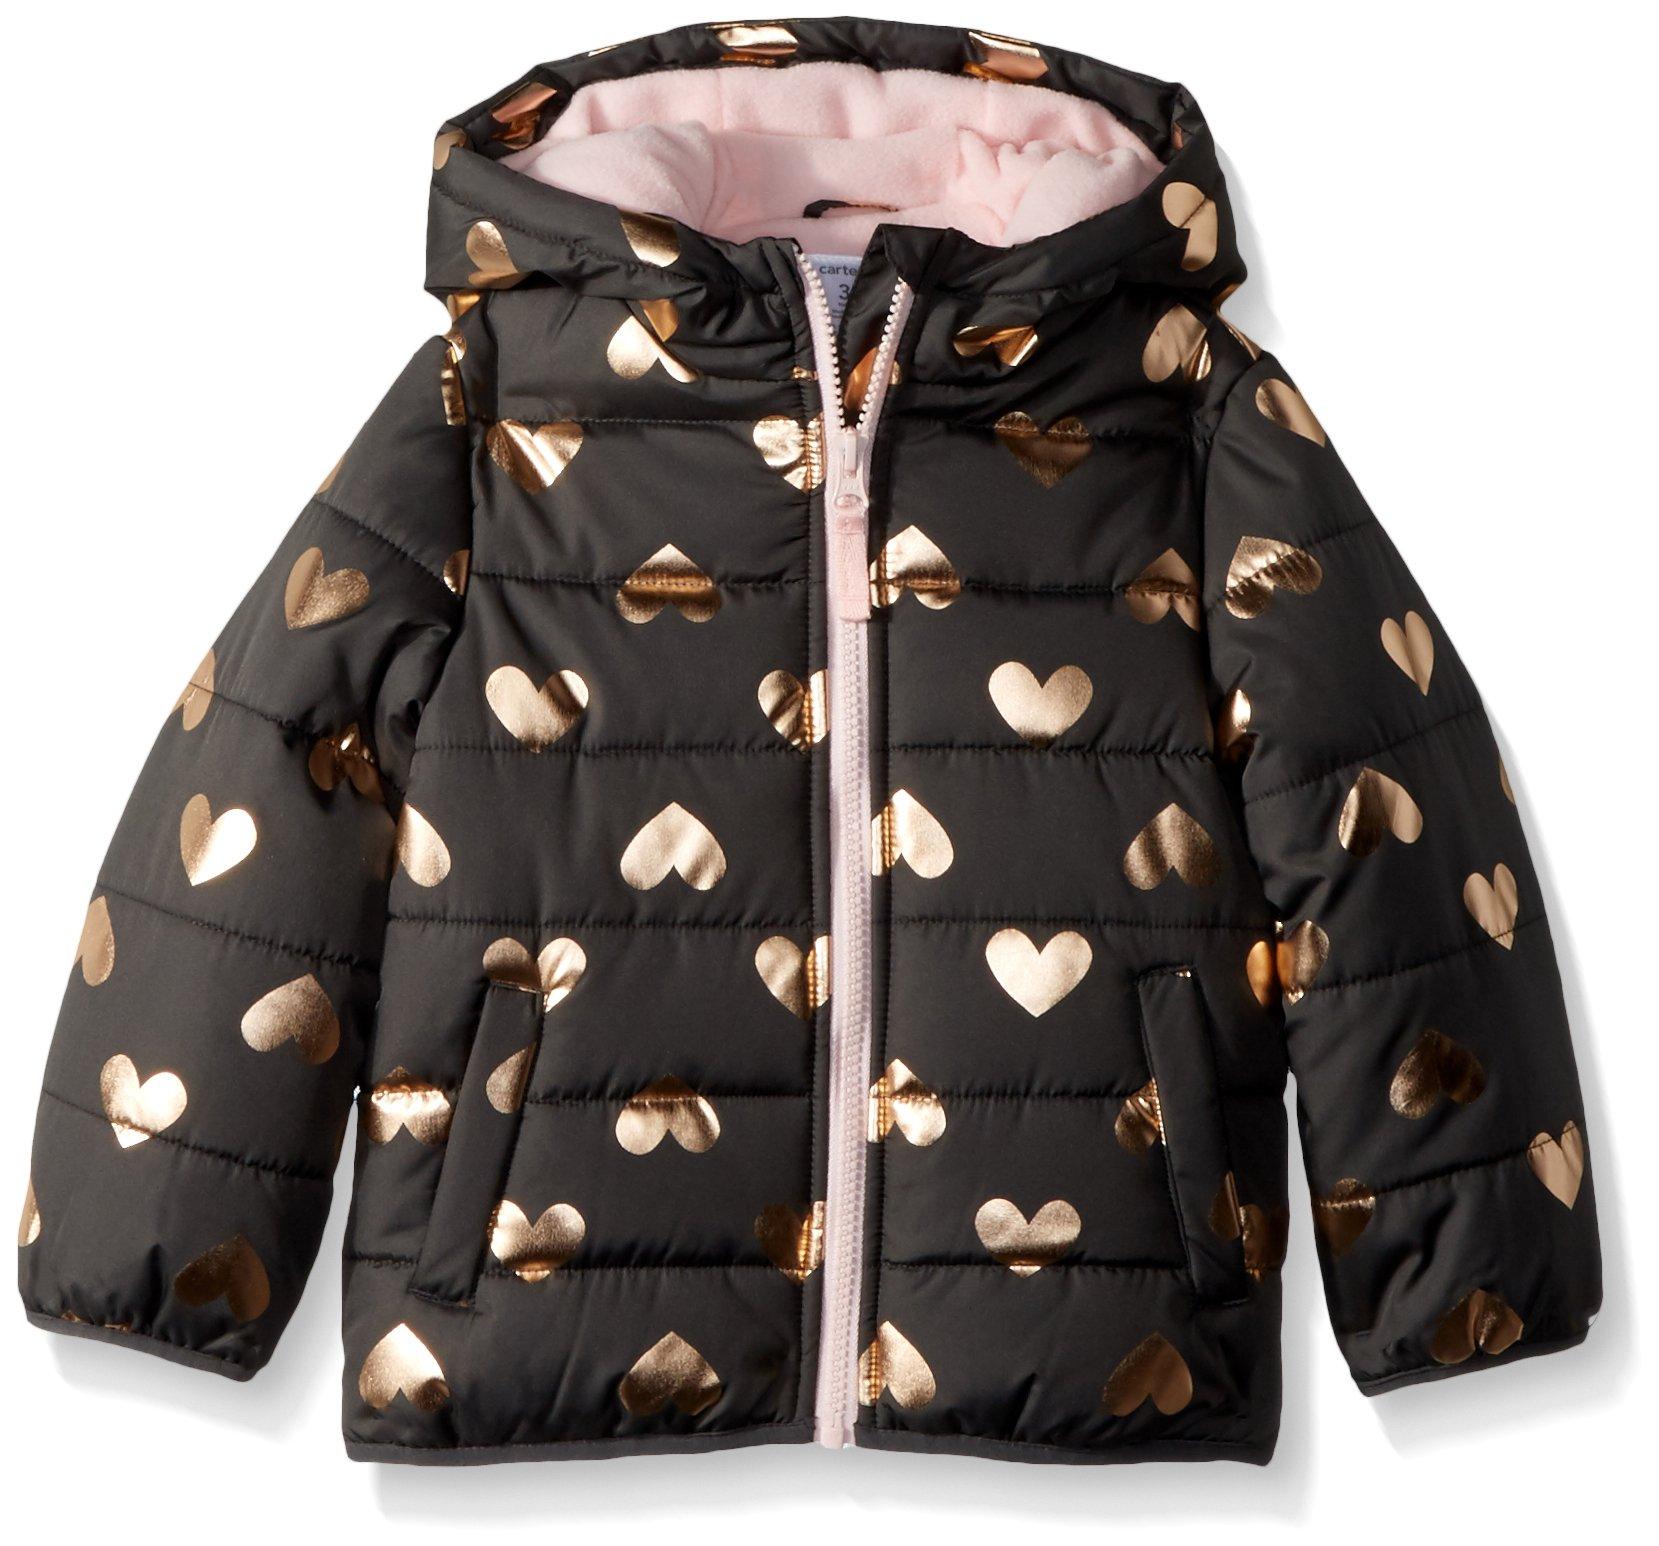 Carter's Baby Girls Fleece Lined Puffer Jacket Coat, Grey Hearts, 24M